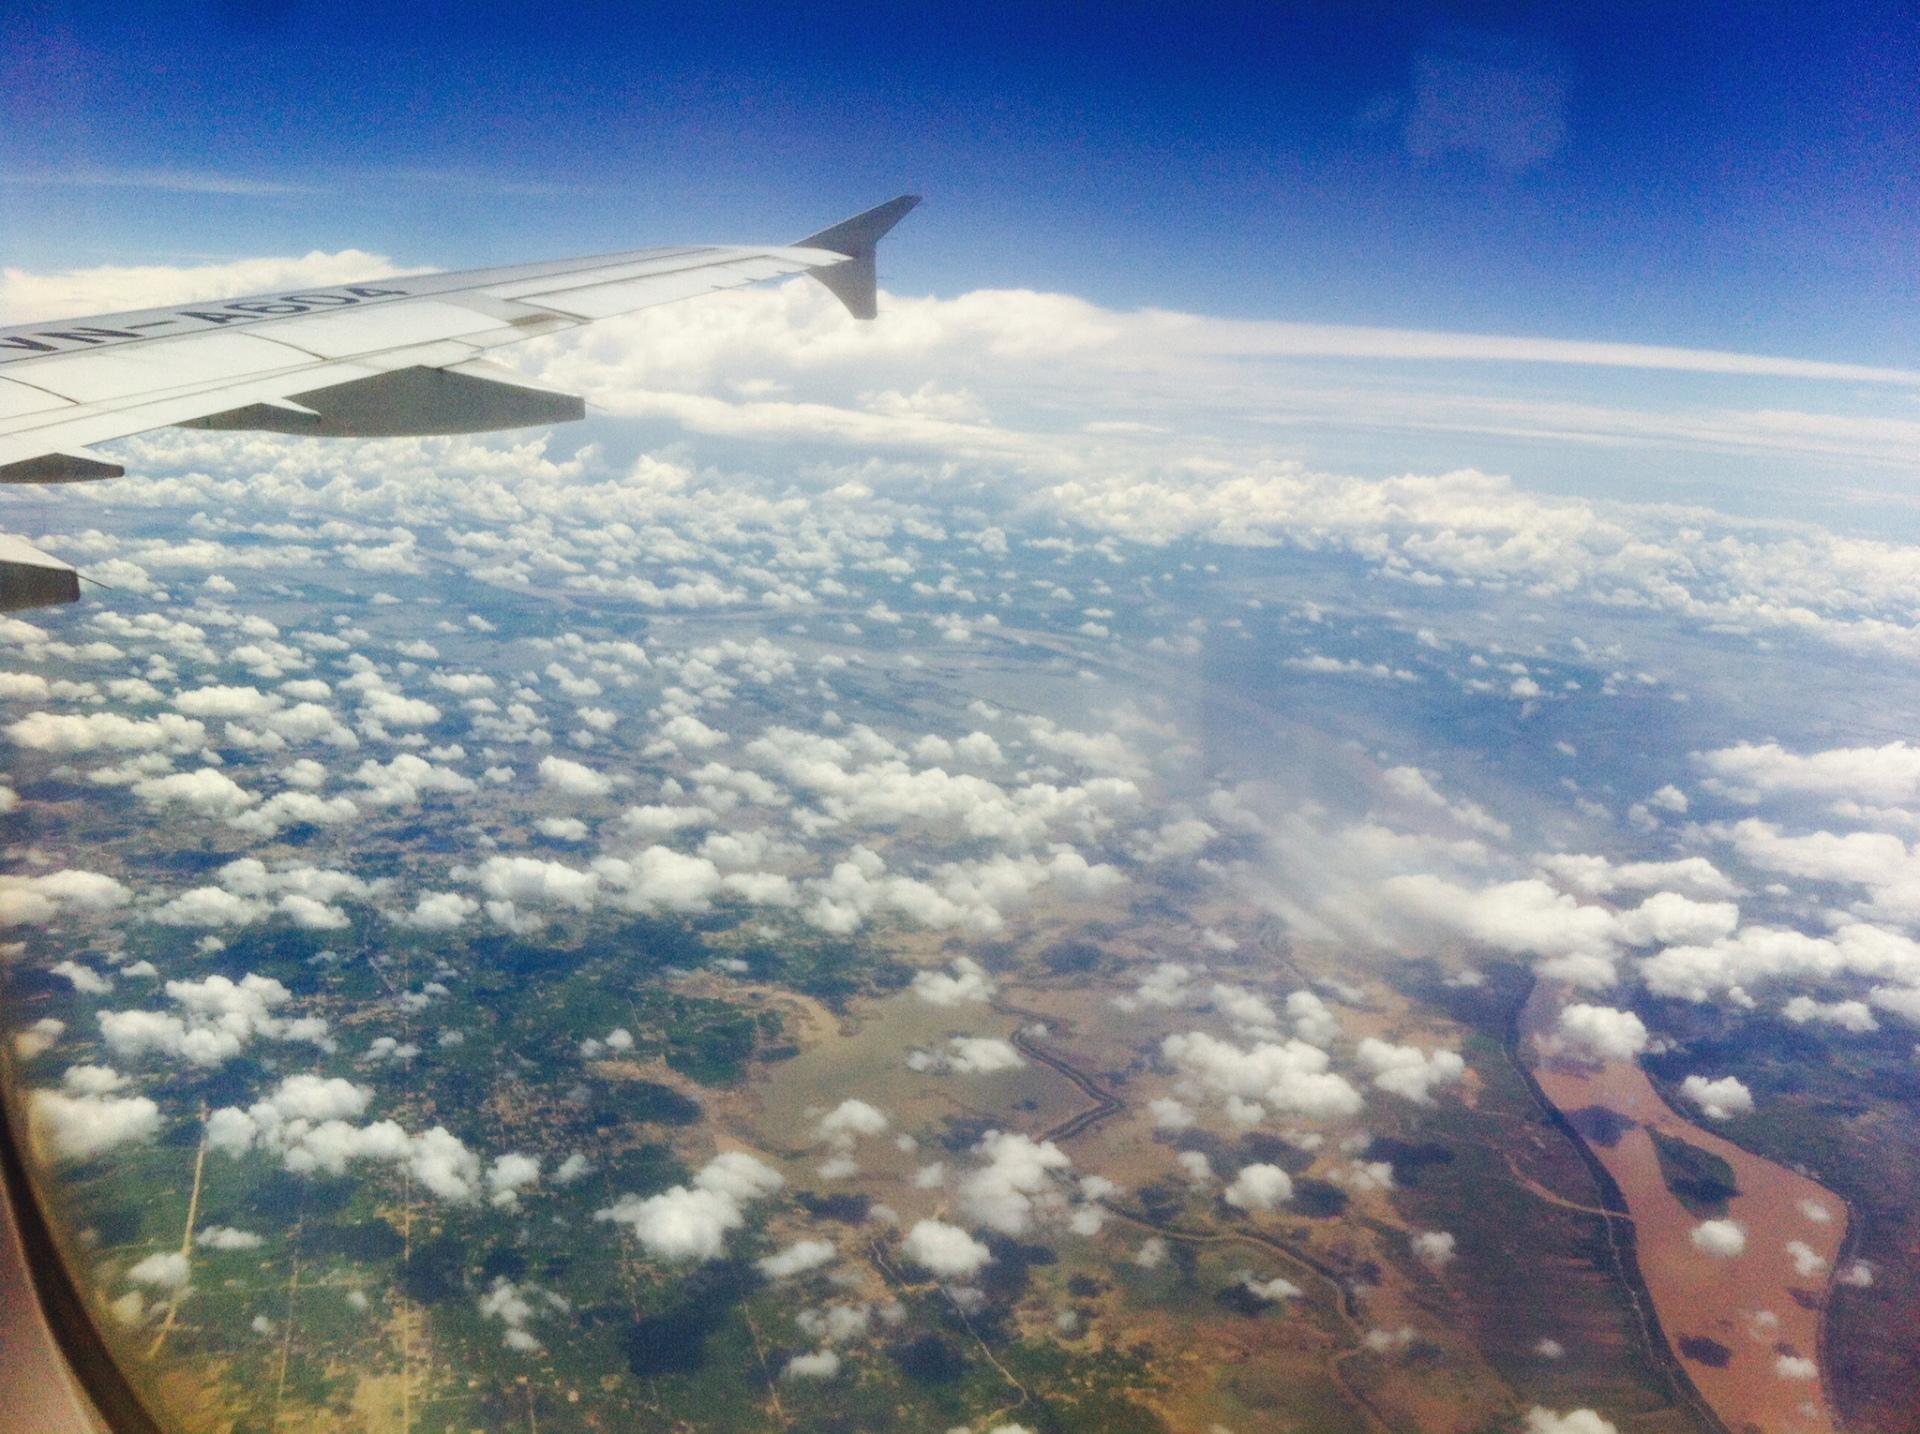 Arrival in Vietnam